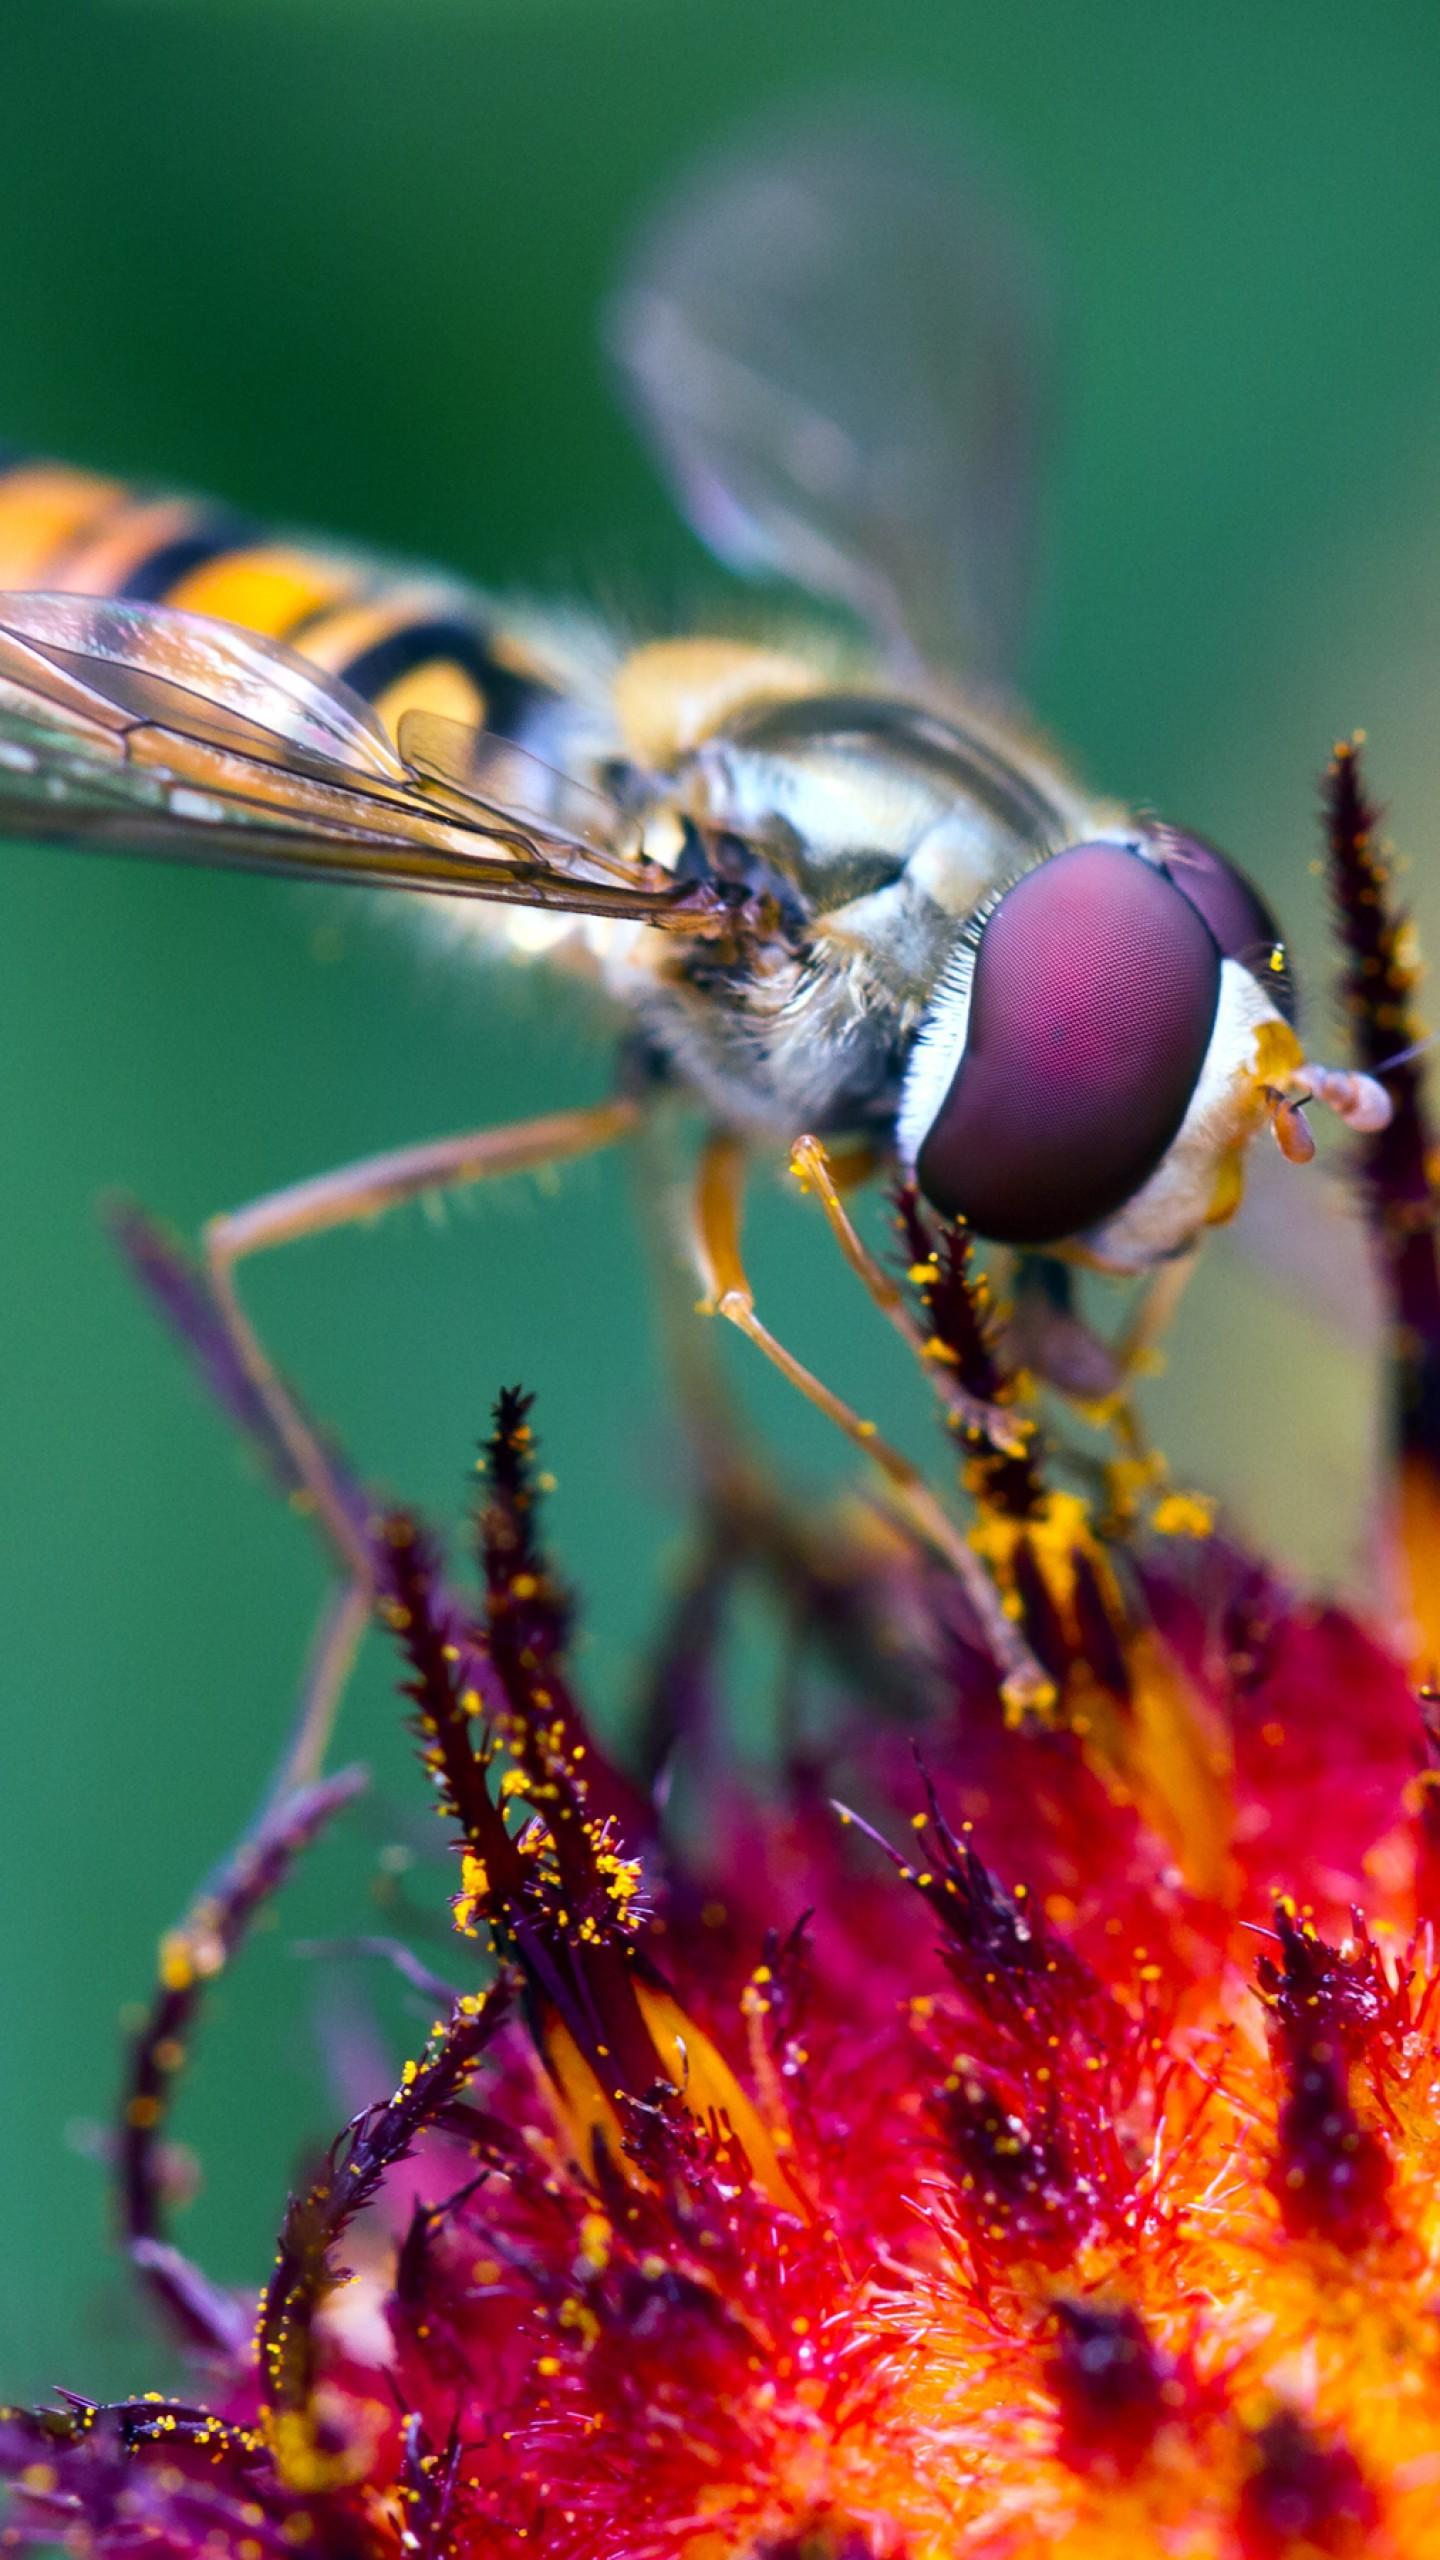 عکس زمینه گرده افشانی زنبور عسل پس زمینه